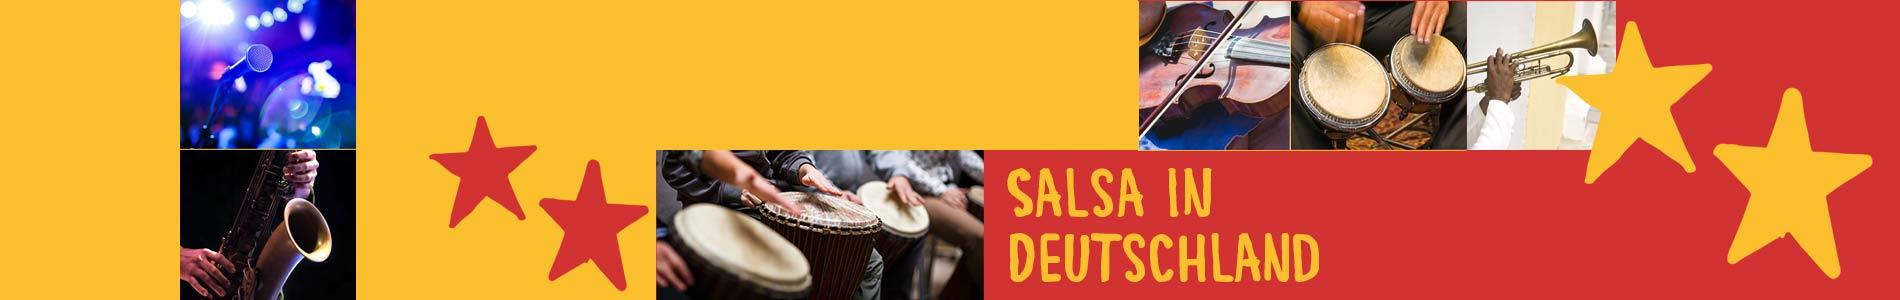 Salsa in Dehrn – Salsa lernen und tanzen, Tanzkurse, Partys, Veranstaltungen